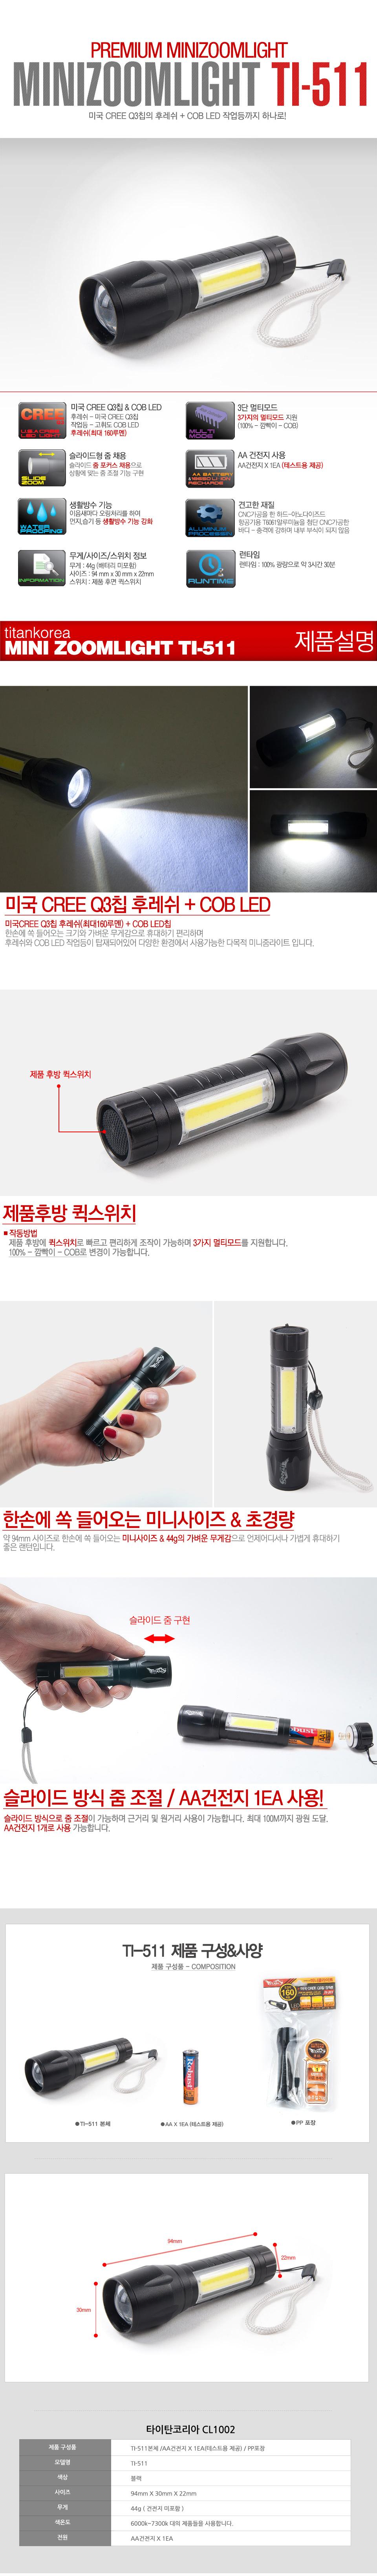 타이탄코리아 초경량 미니줌라이트 TI-511 후레쉬 타이탄후레쉬 손전등 LED후레쉬